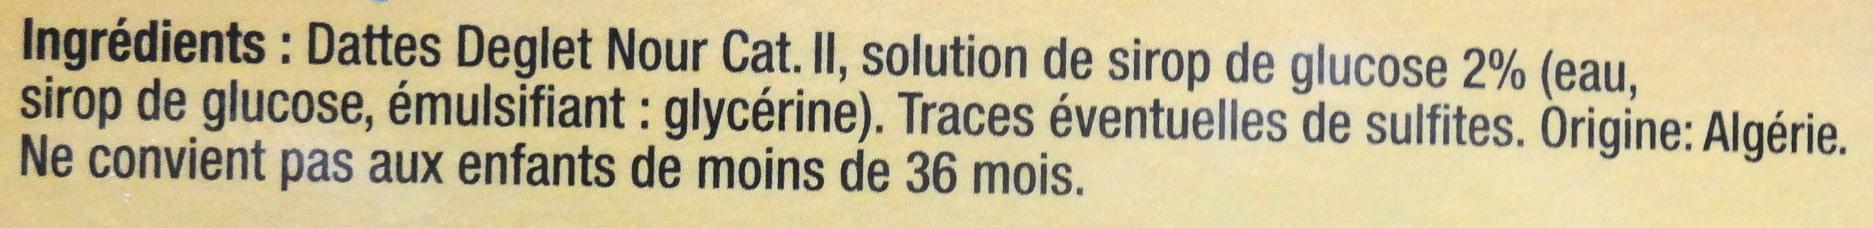 Dattes, Deglet Nour, - Ingrédients - fr